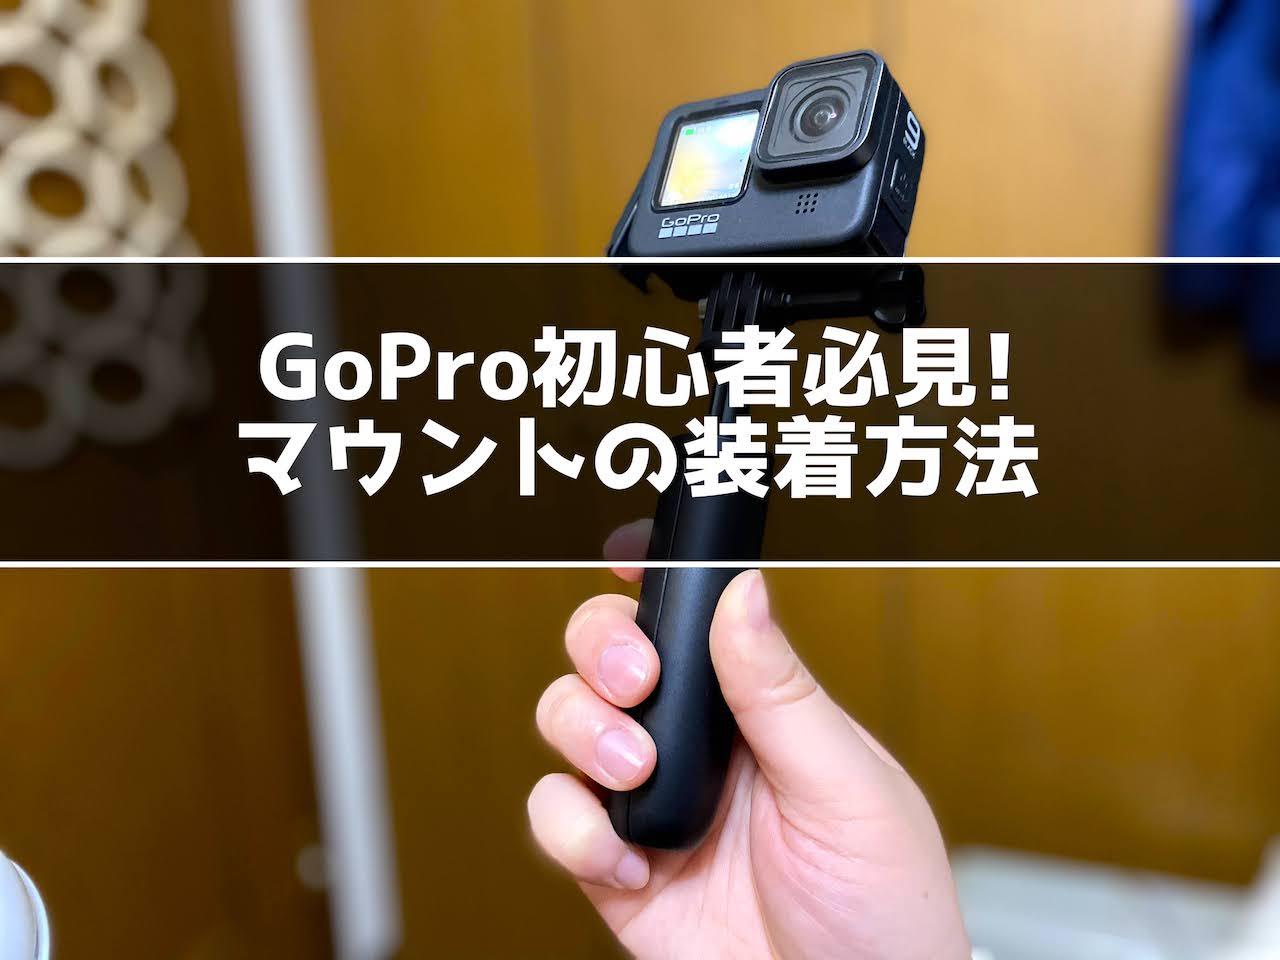 GoPro マウントの付け方